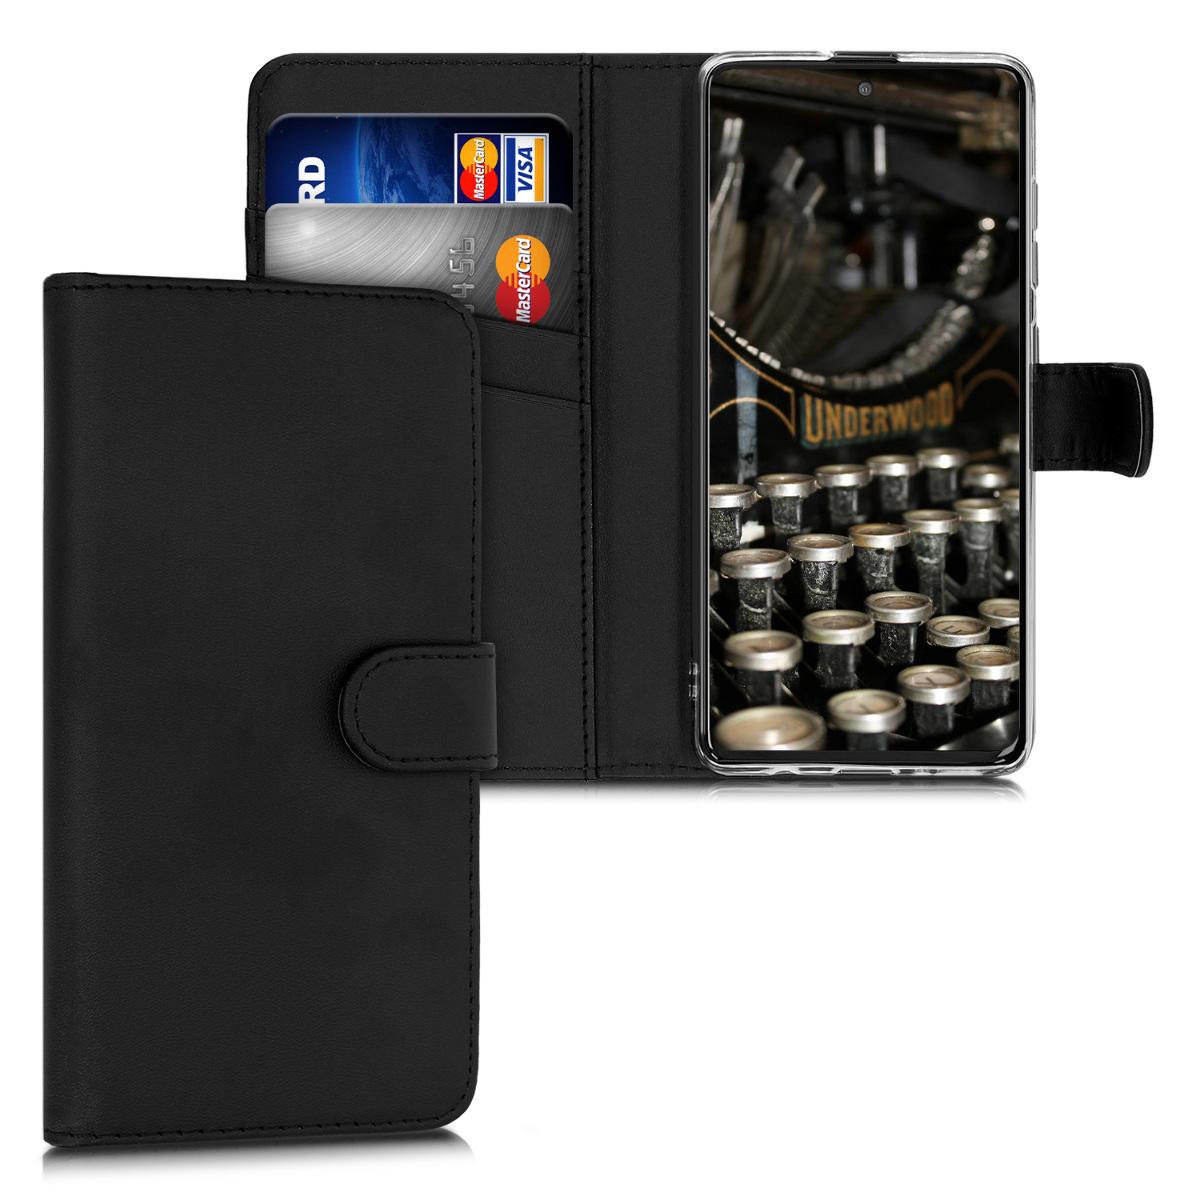 Černé kožené pouzdro / obal jako peněženka pro Samsung Galaxy A51